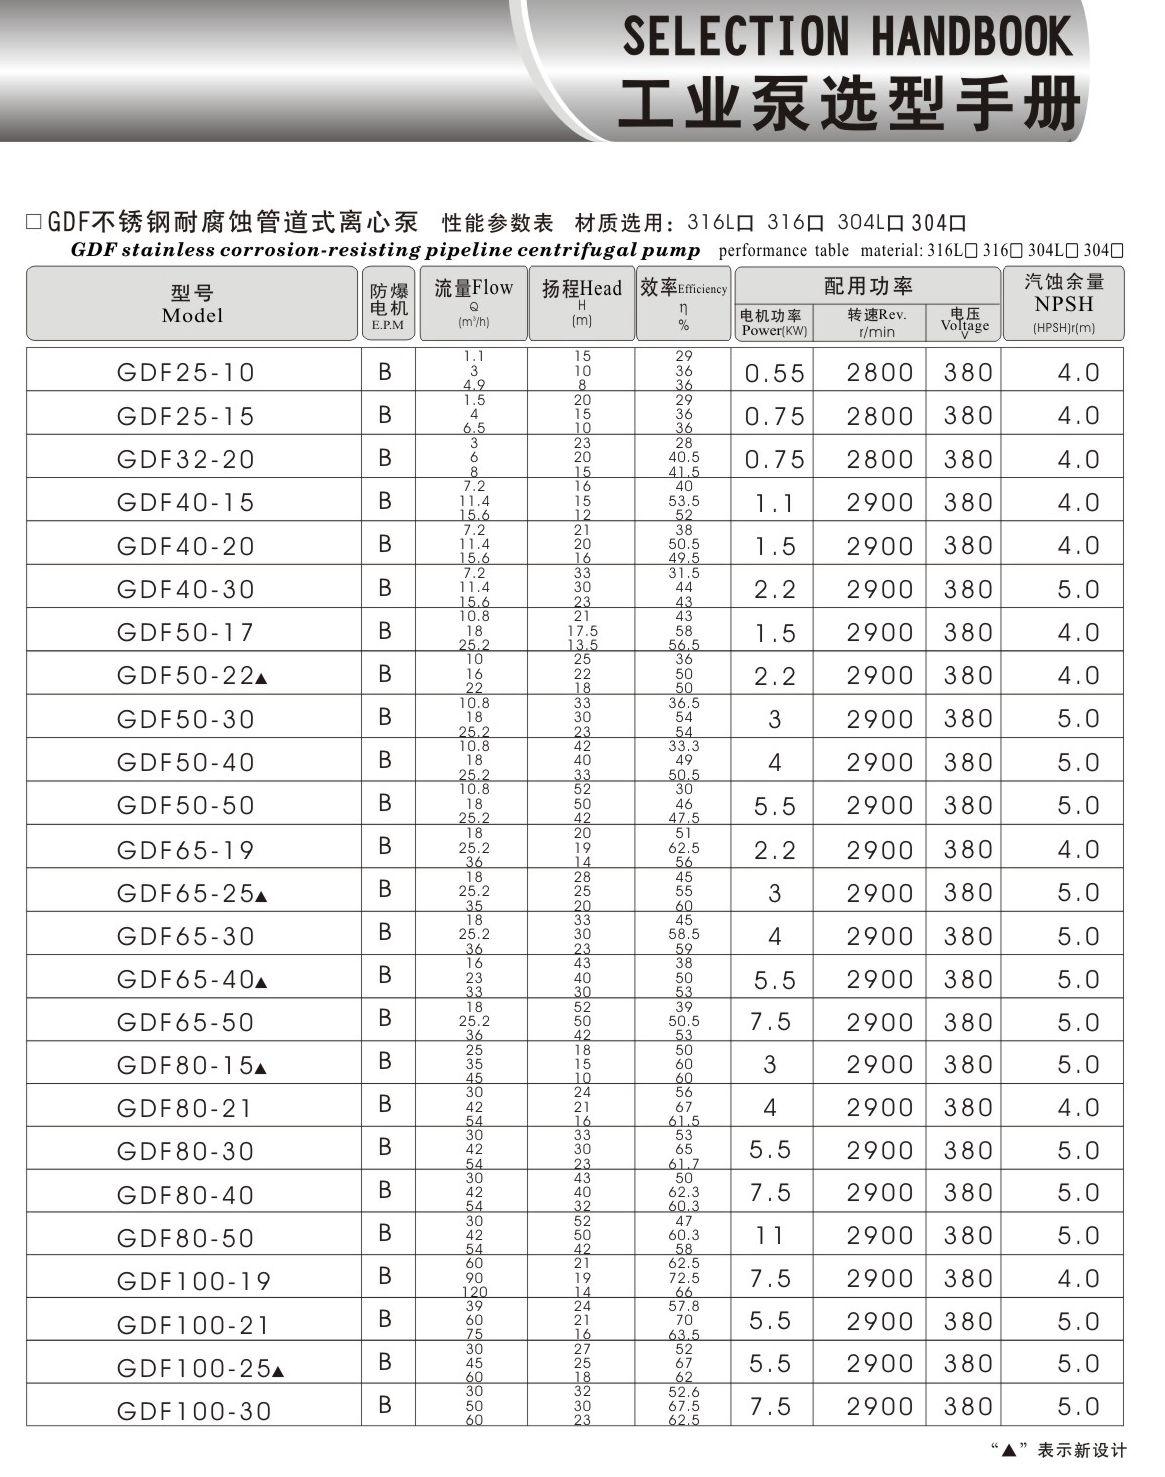 羊城水泵|GDF50-40|东莞不锈钢管道泵|羊城泵业|广州羊城水泵厂